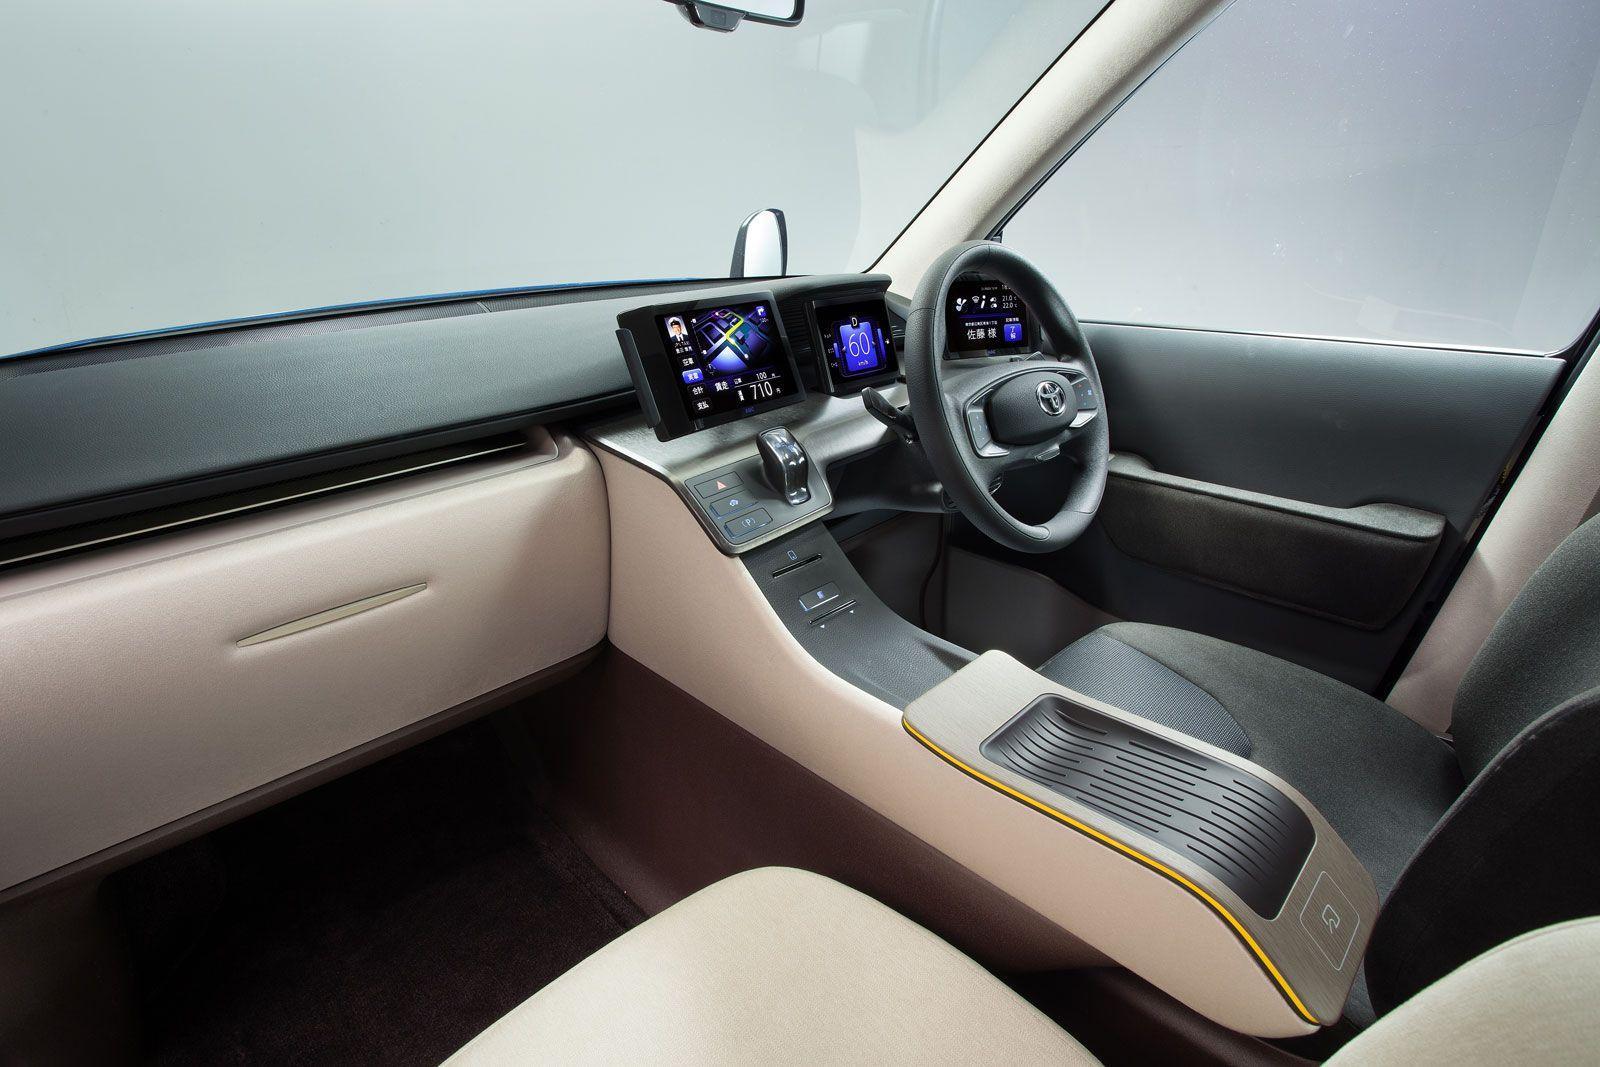 Toyota JPN Taxi Concept Interior - Car Body Design